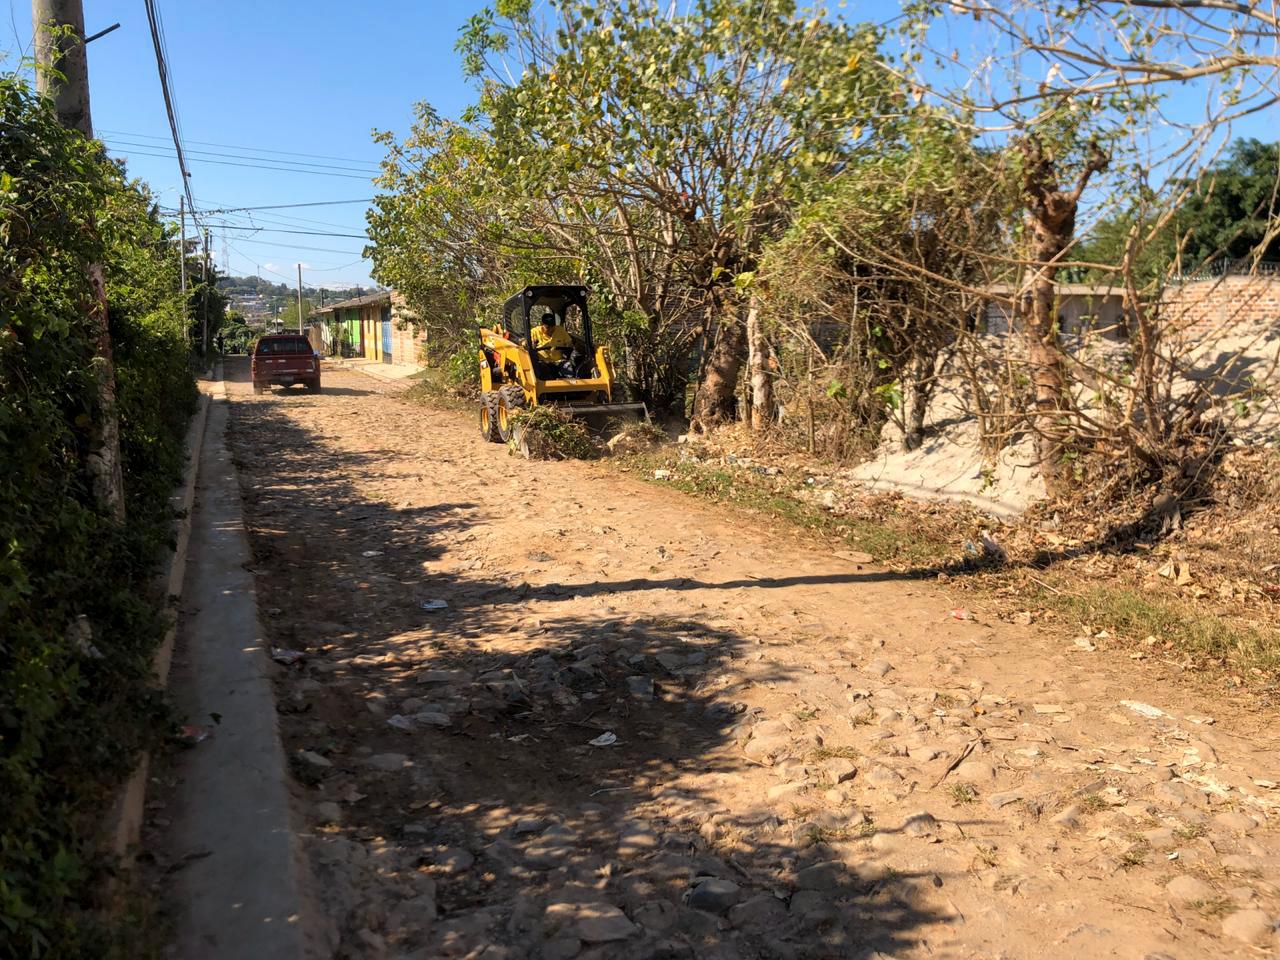 Pavimentamos 1.5 kilómetros en Colonia Helen 2, Ilobasco, Cabañas